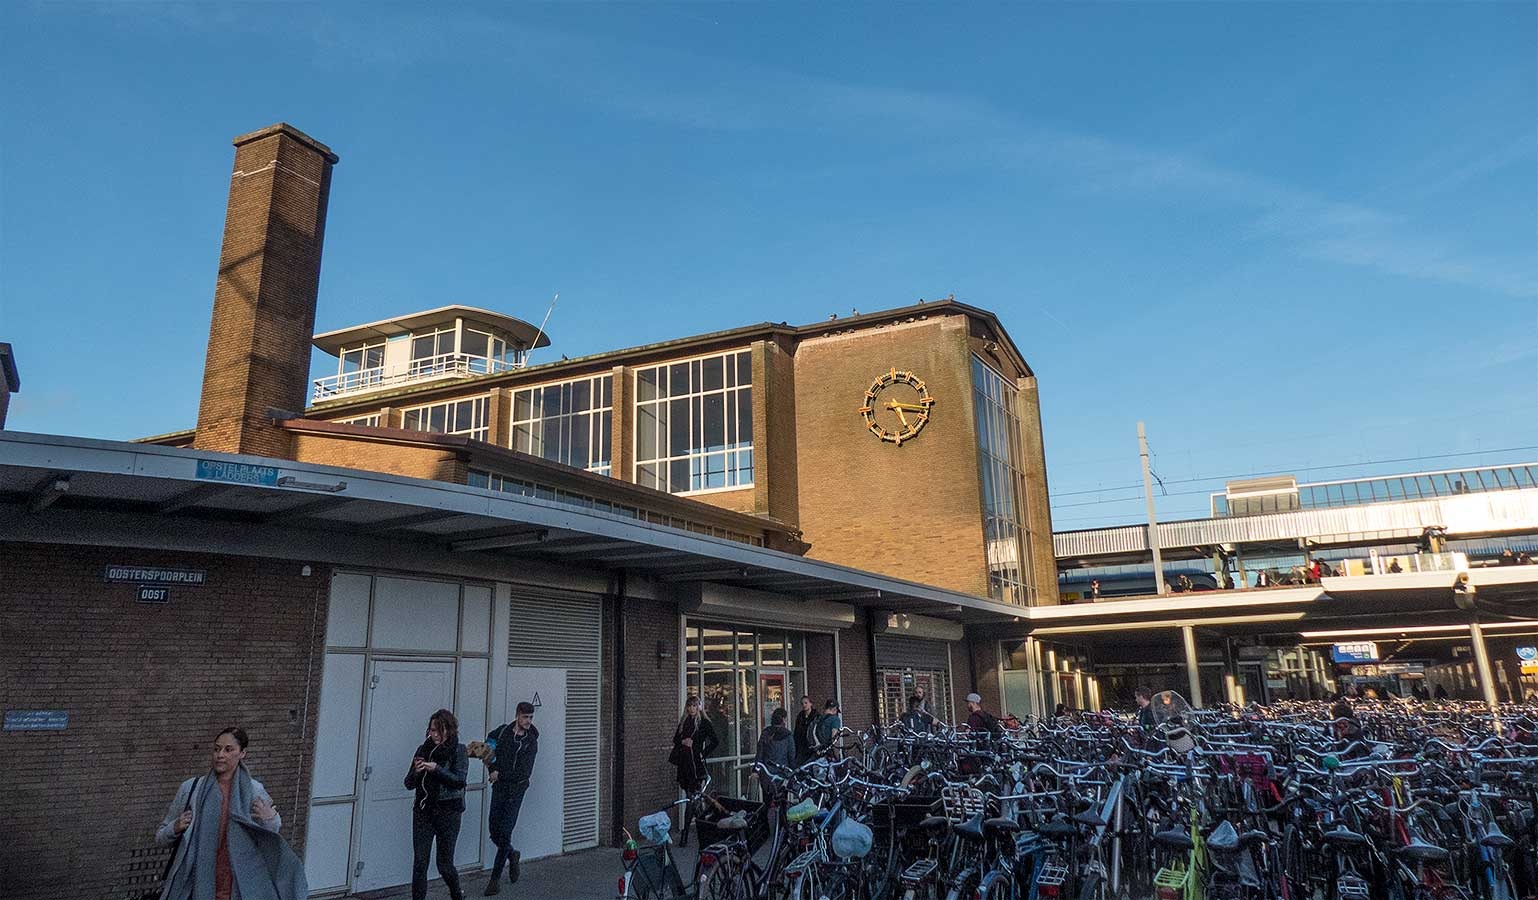 Oostspoorplein met rechts fietsenstalling en links stationsgebouw en zicht op klok